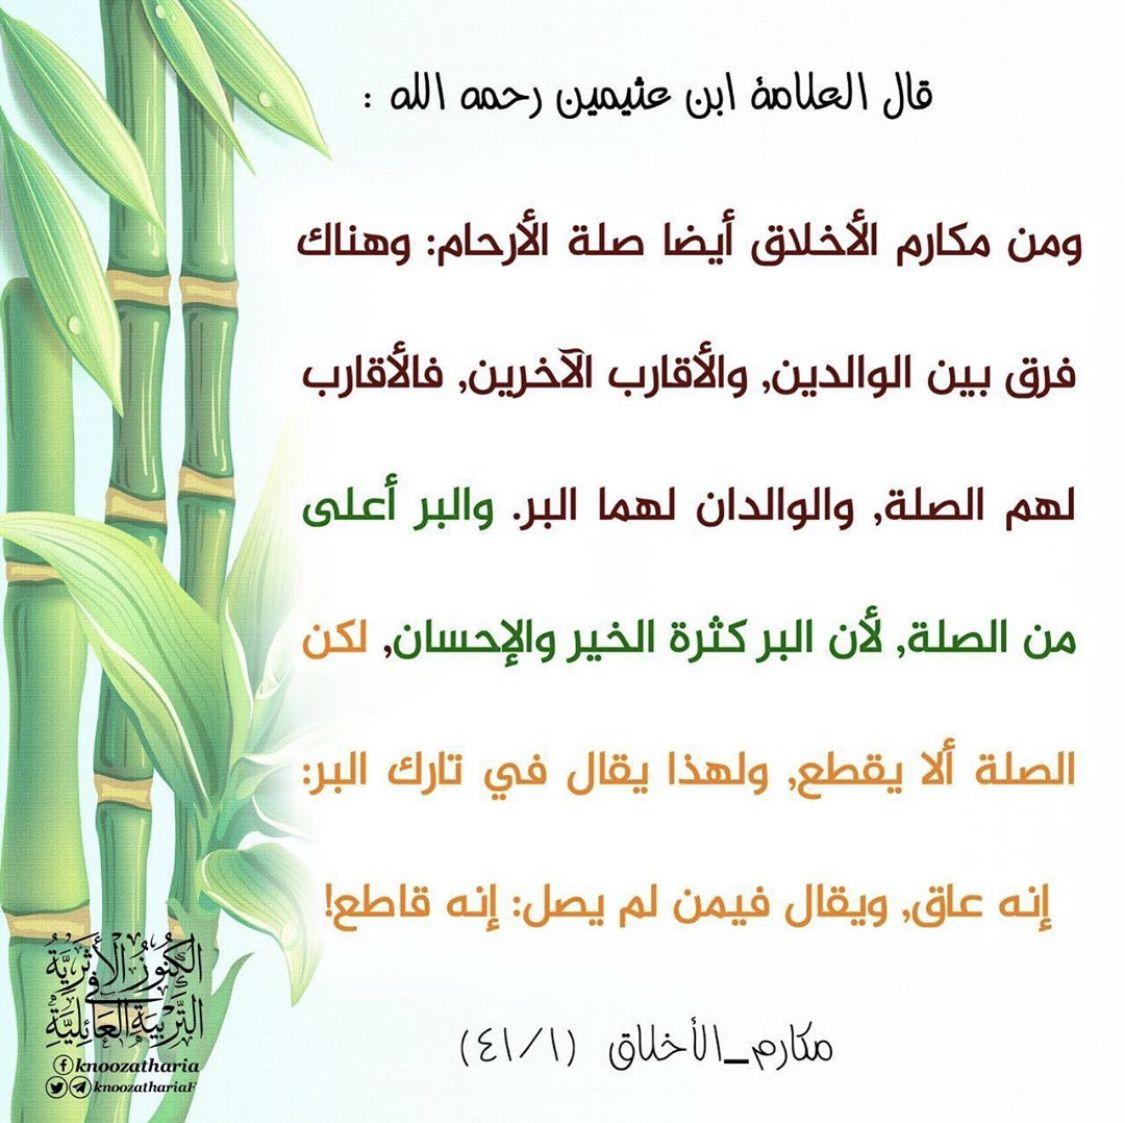 بر الوالدين وصلة الارحام Apprendre L Islam Apprendre